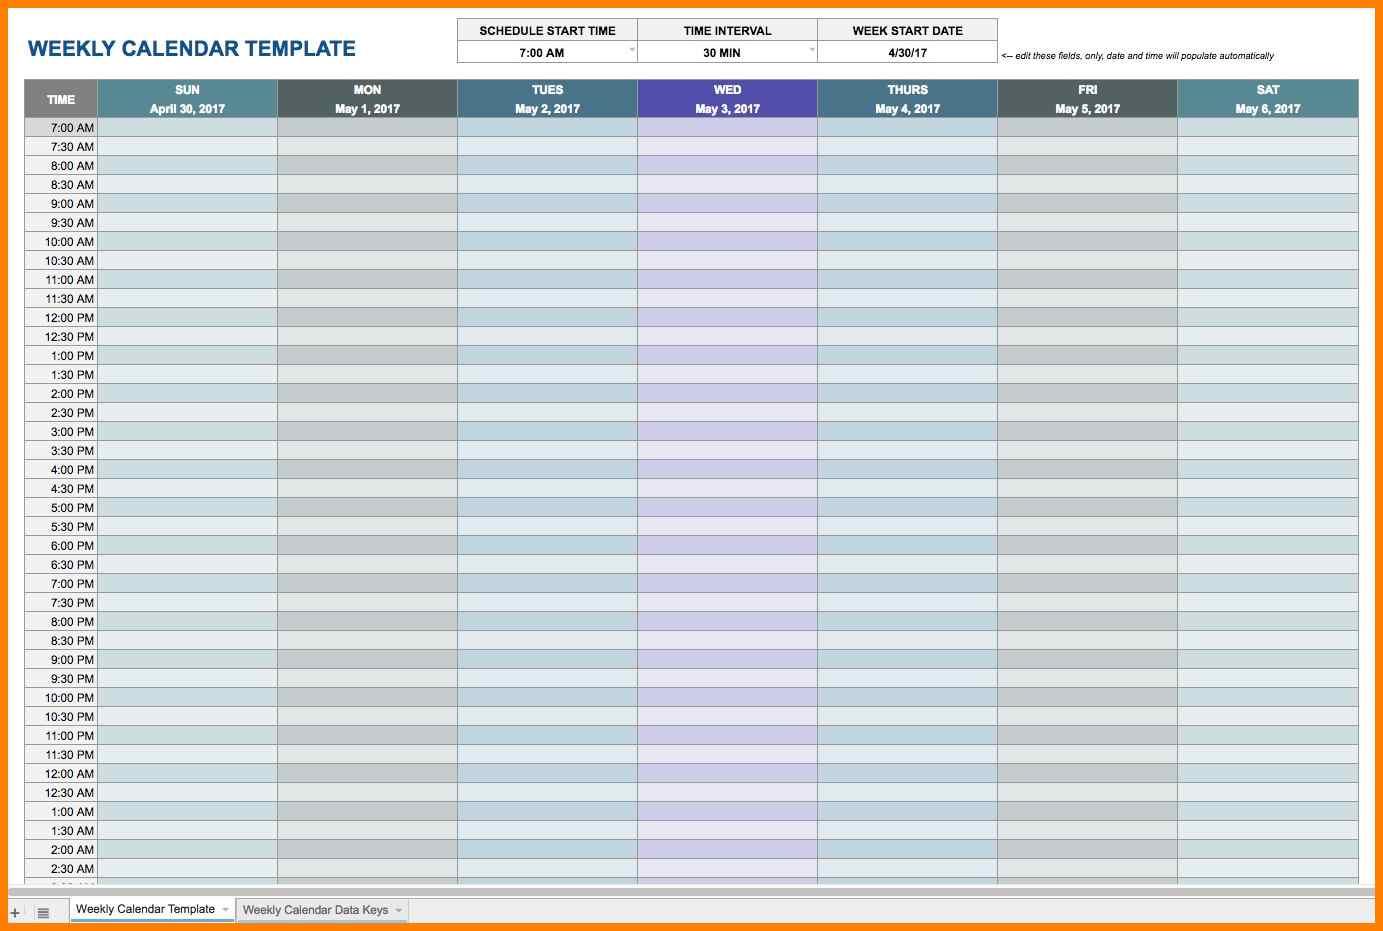 Calendar Template Google Docs Spreadsheet Within 8  Google Docs Calendar Templates  Pear Tree Digital